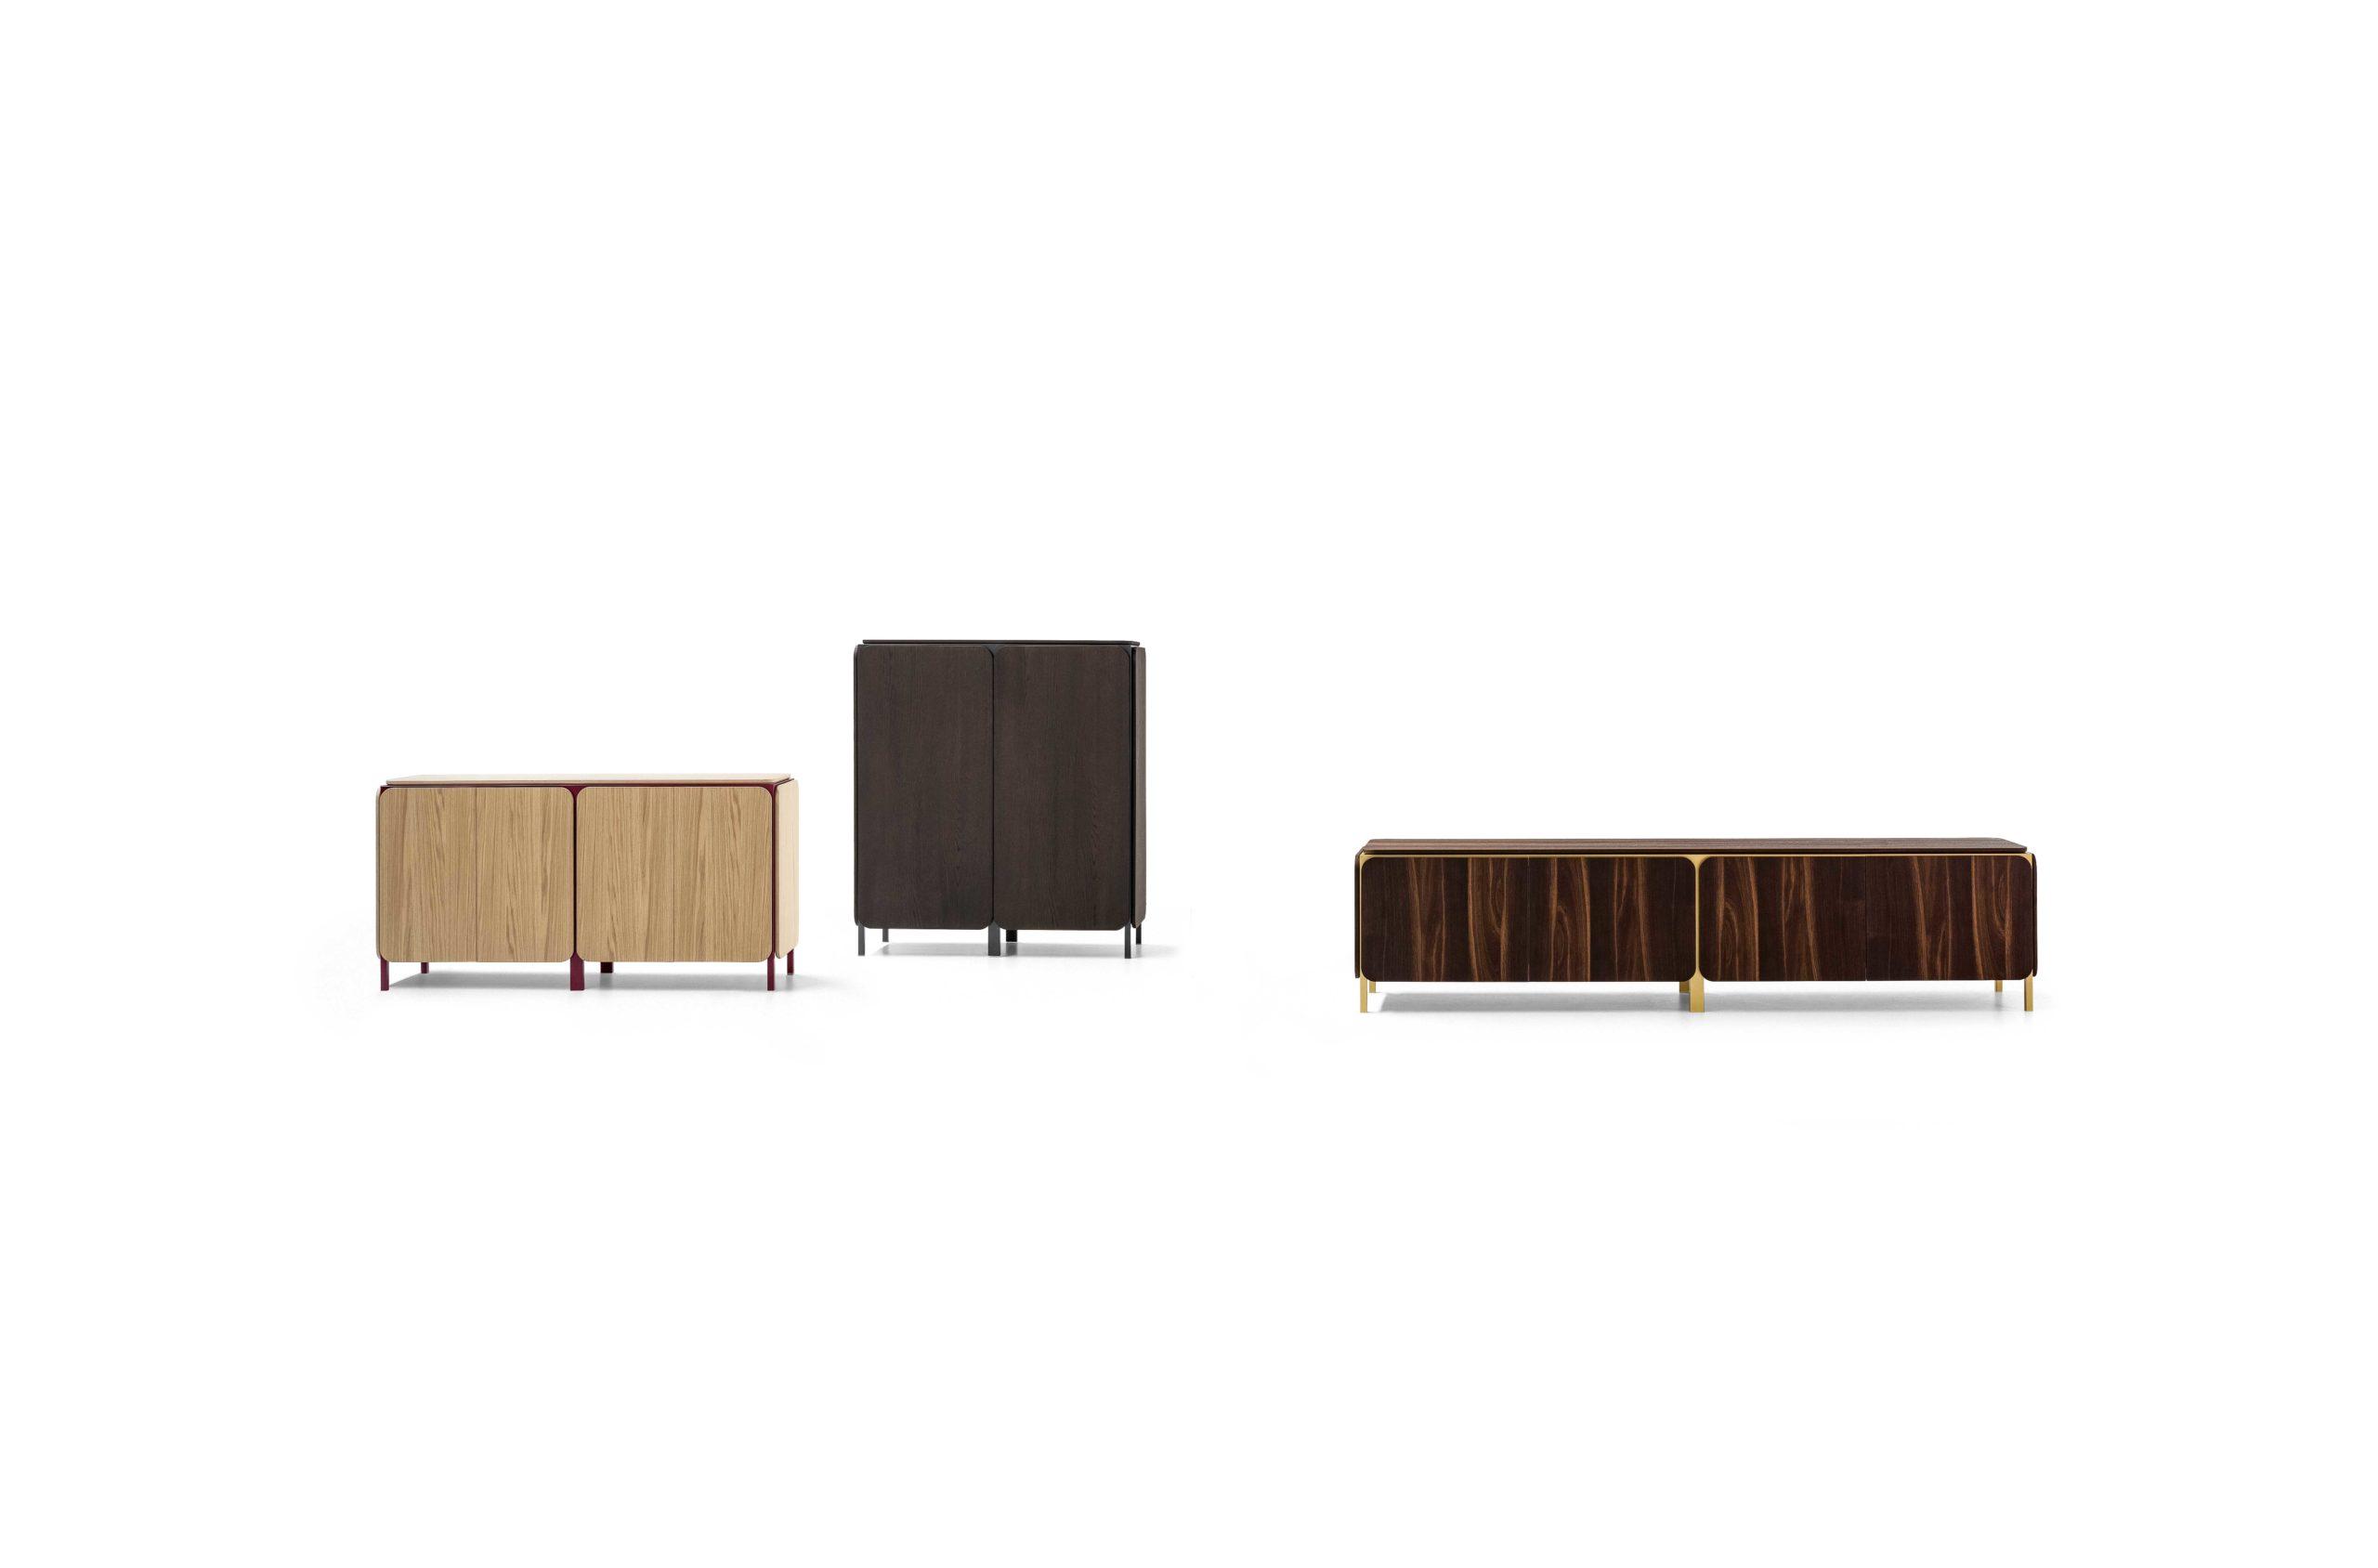 frame-sideboard-lr2D72B737-14B0-D3D5-AC09-2190AF40D5FF